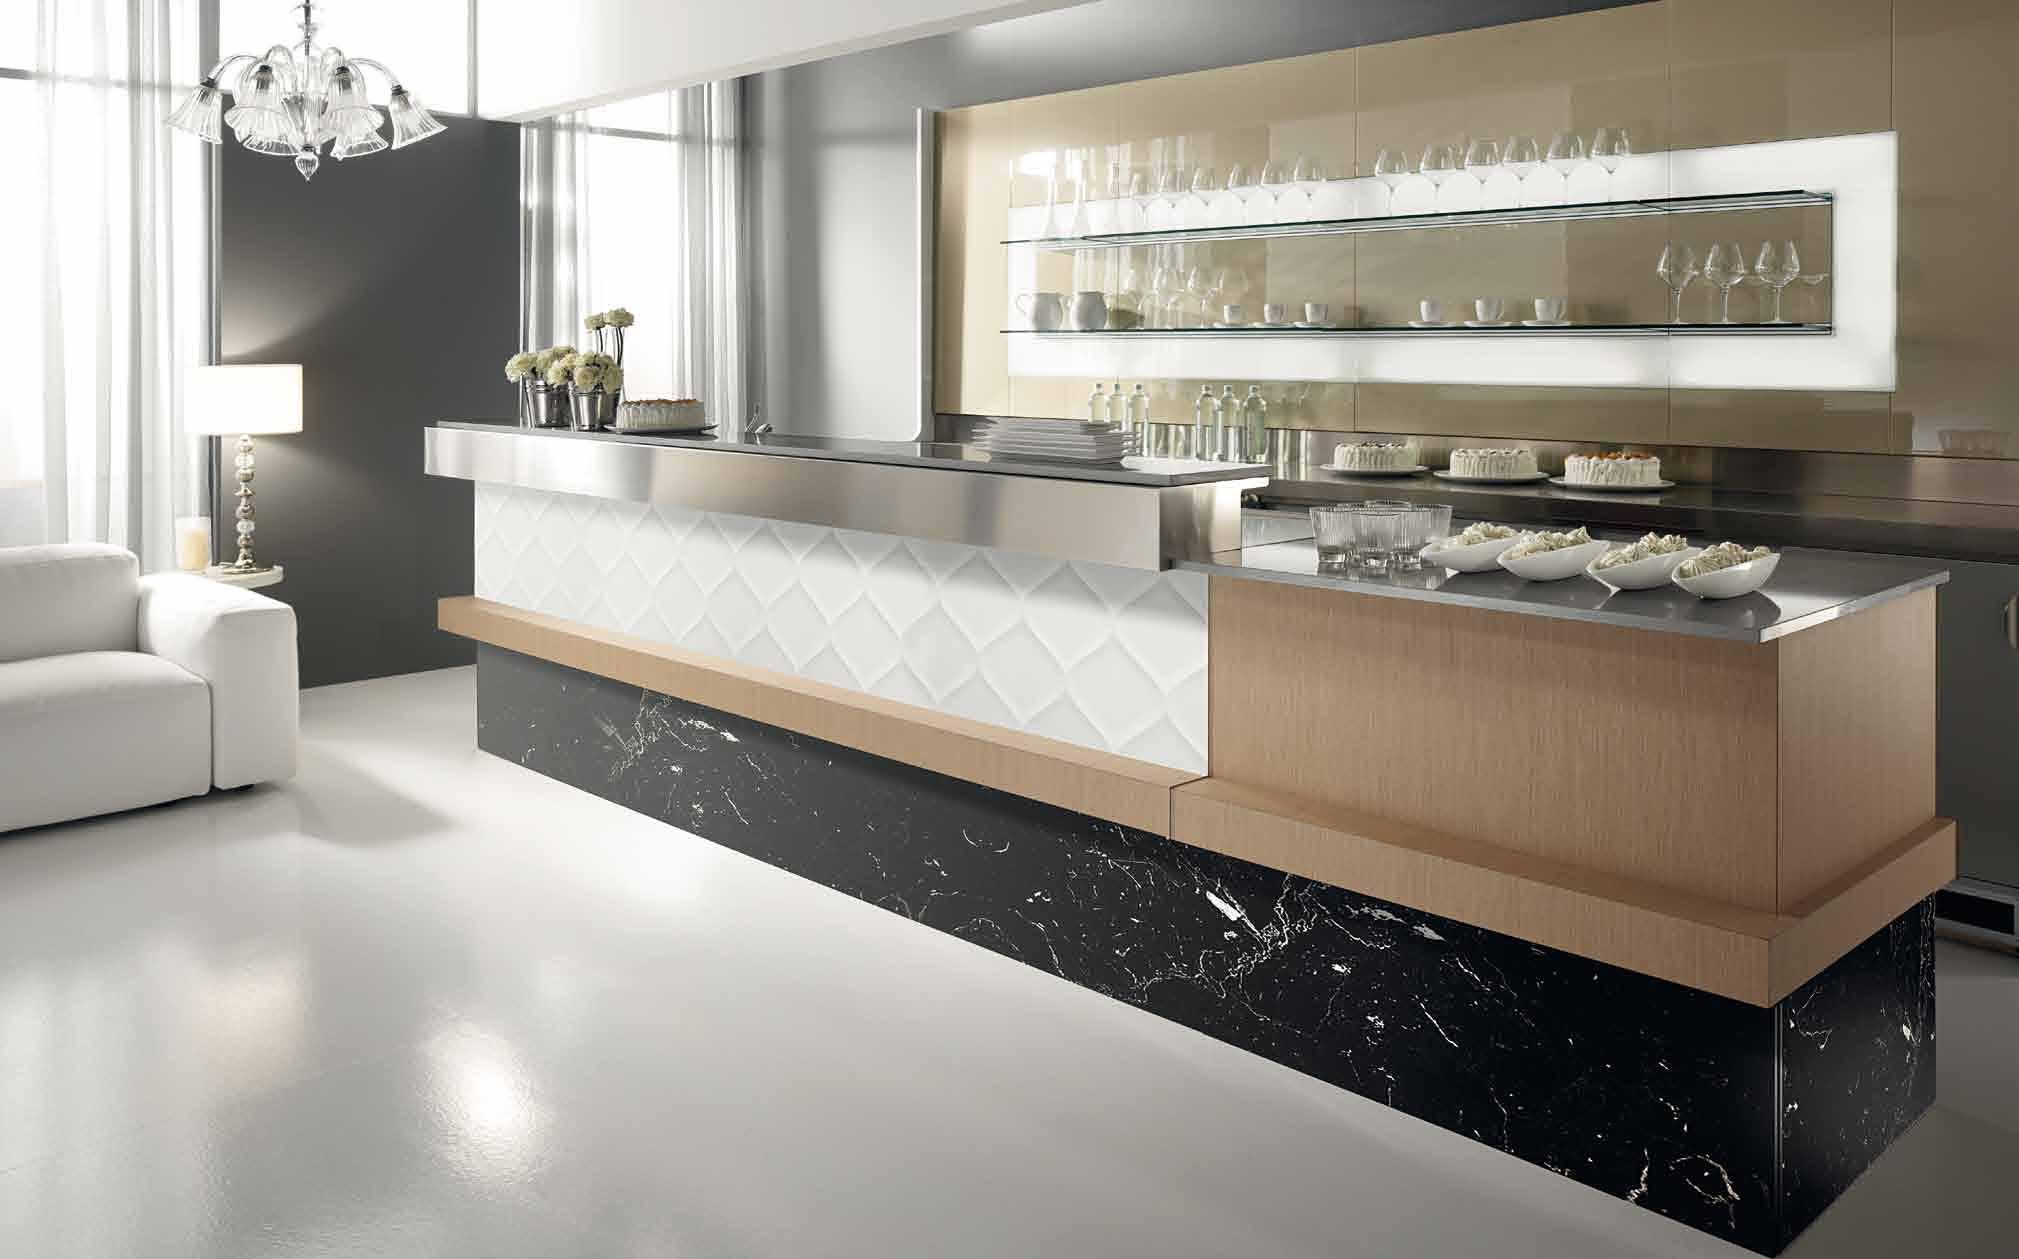 Scopri come rendere alla moda il tuo ristorante e bar con gli stili che faranno. Banchi Bar Roma